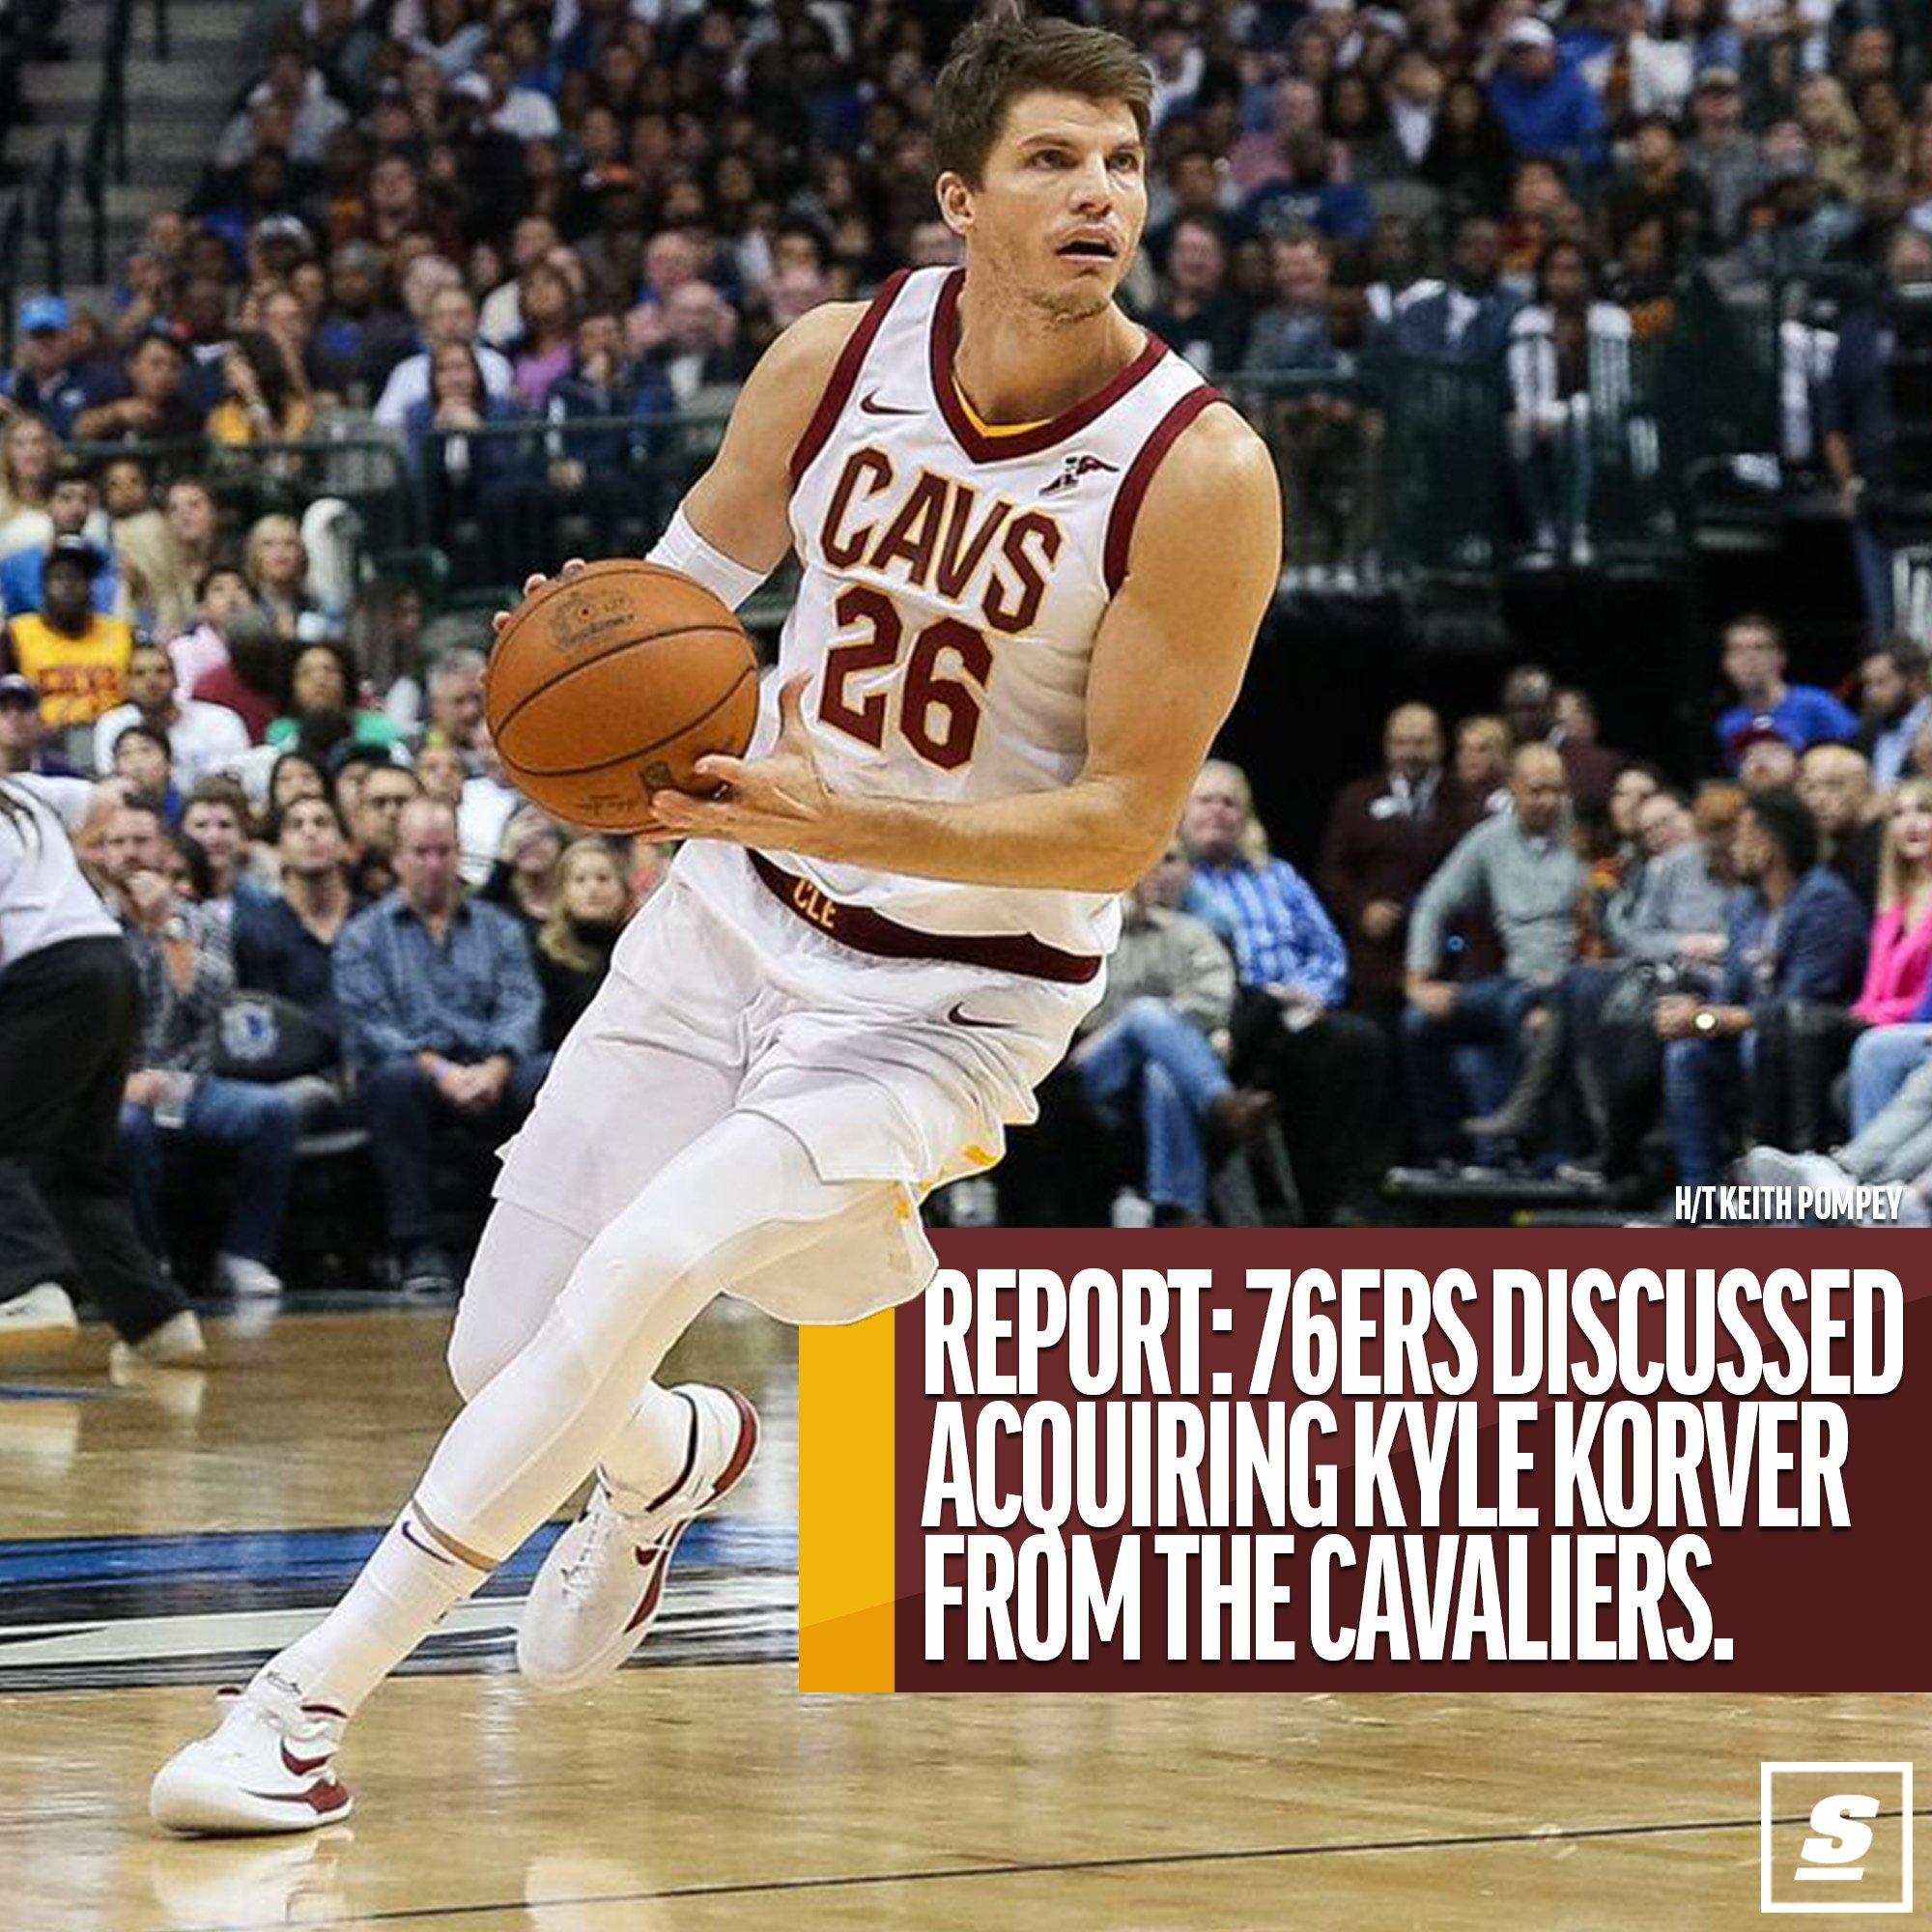 76ers bringing back Kyle Korver? https://t.co/2GMutYPvHa https://t.co/EFUKOgm0bx